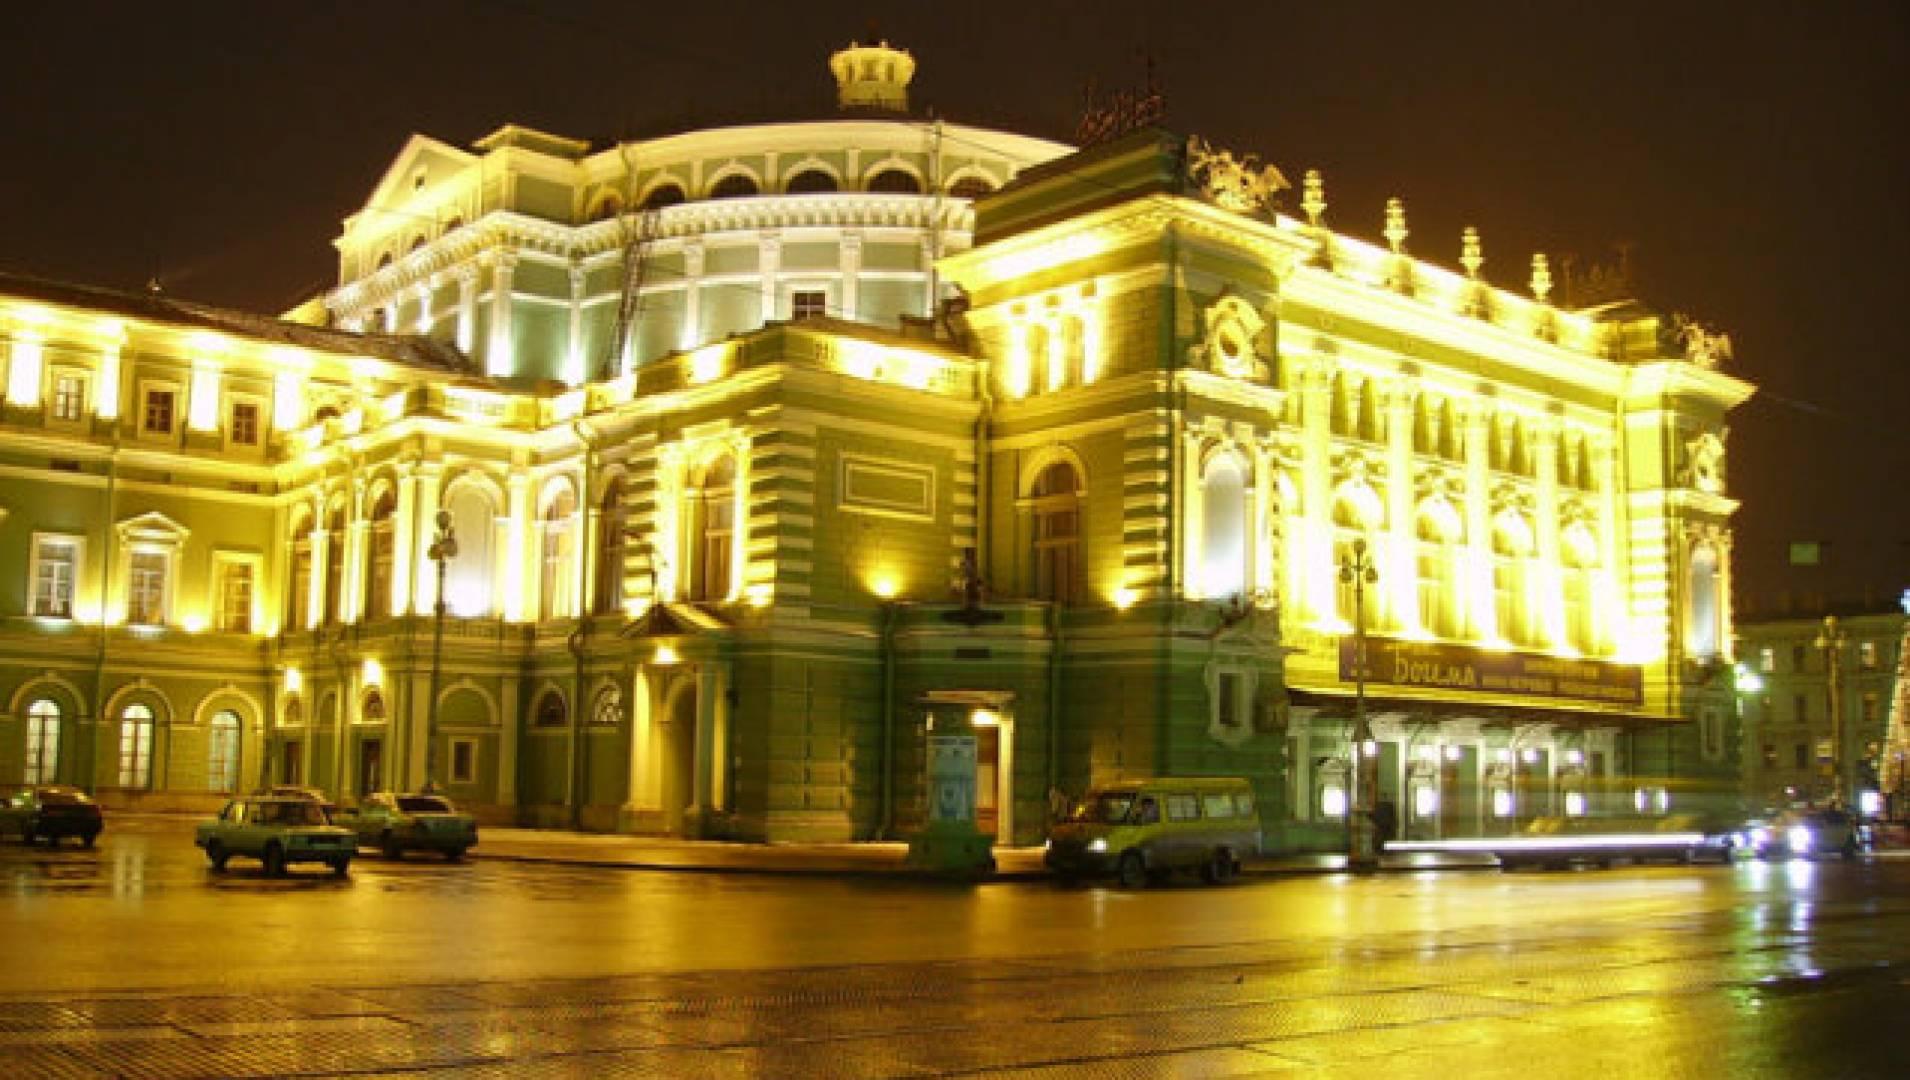 Торжественное открытие новой сцены Мариинского театра - Концерт